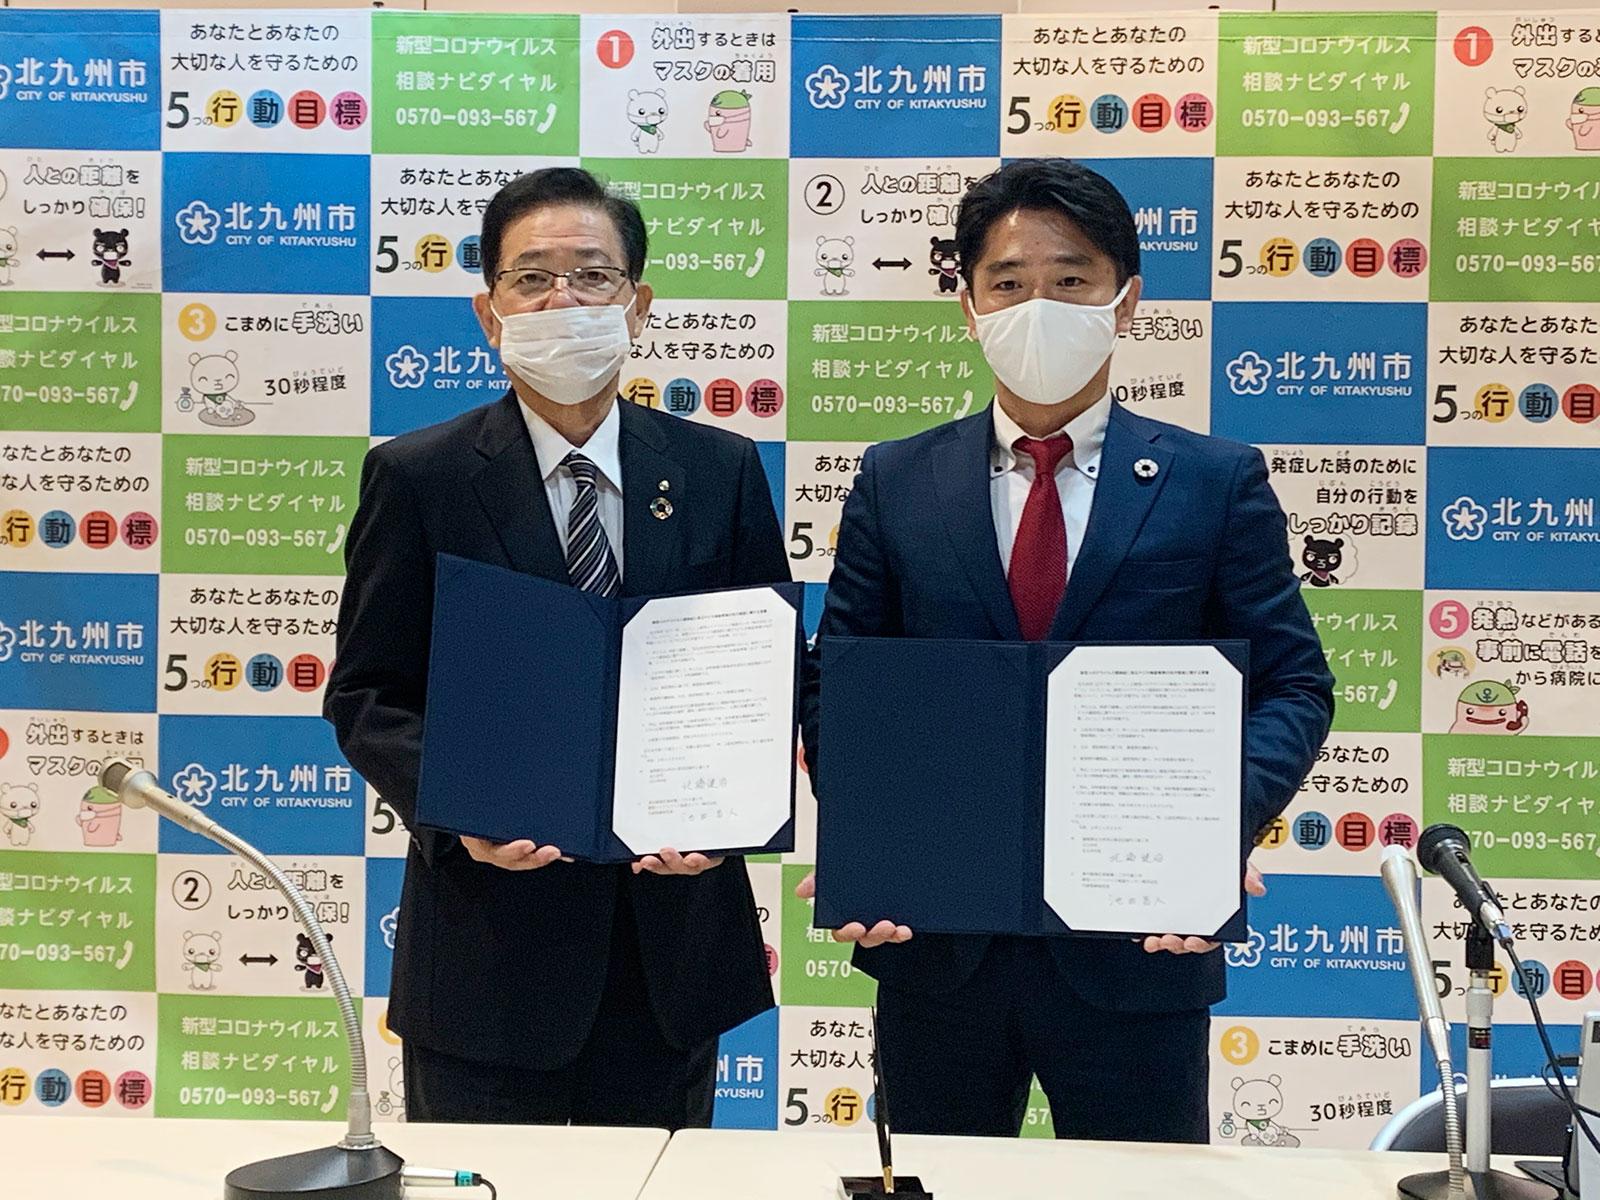 感染 最新 コロナ 北九州 新型コロナウイルス感染症のご報告(第2報)